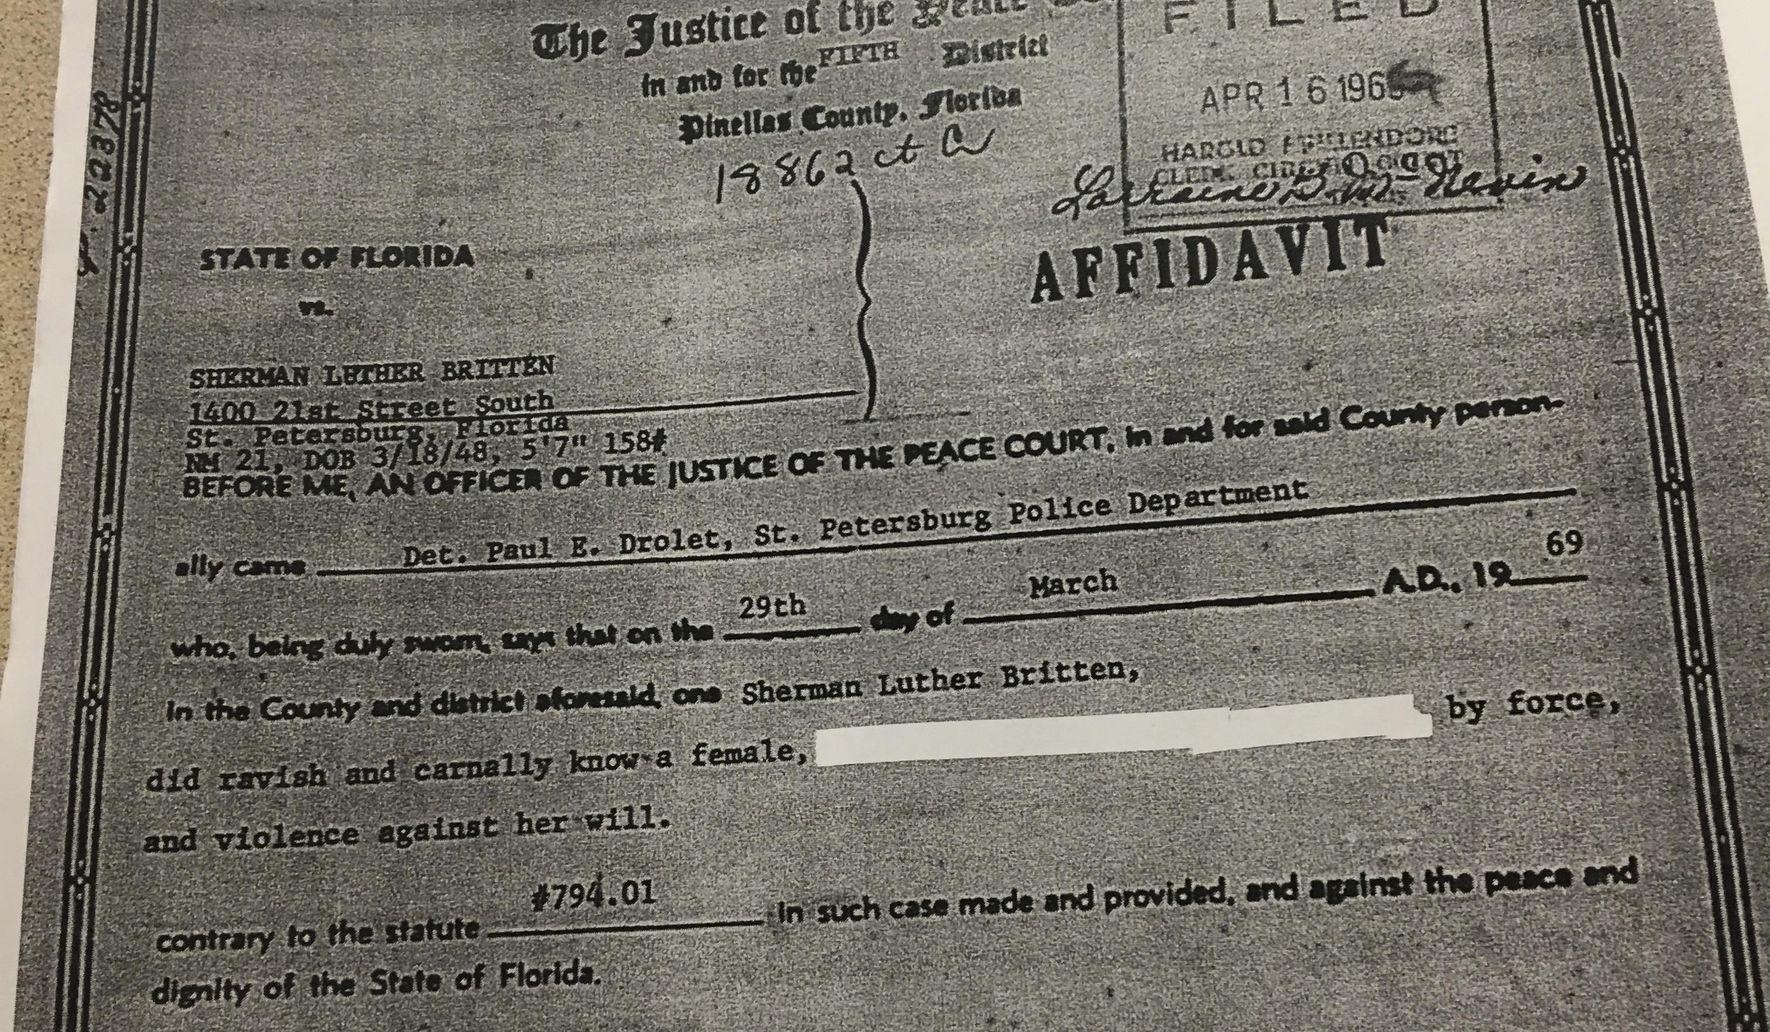 Gang raped at 17 Therapy at 65  - Washington Times